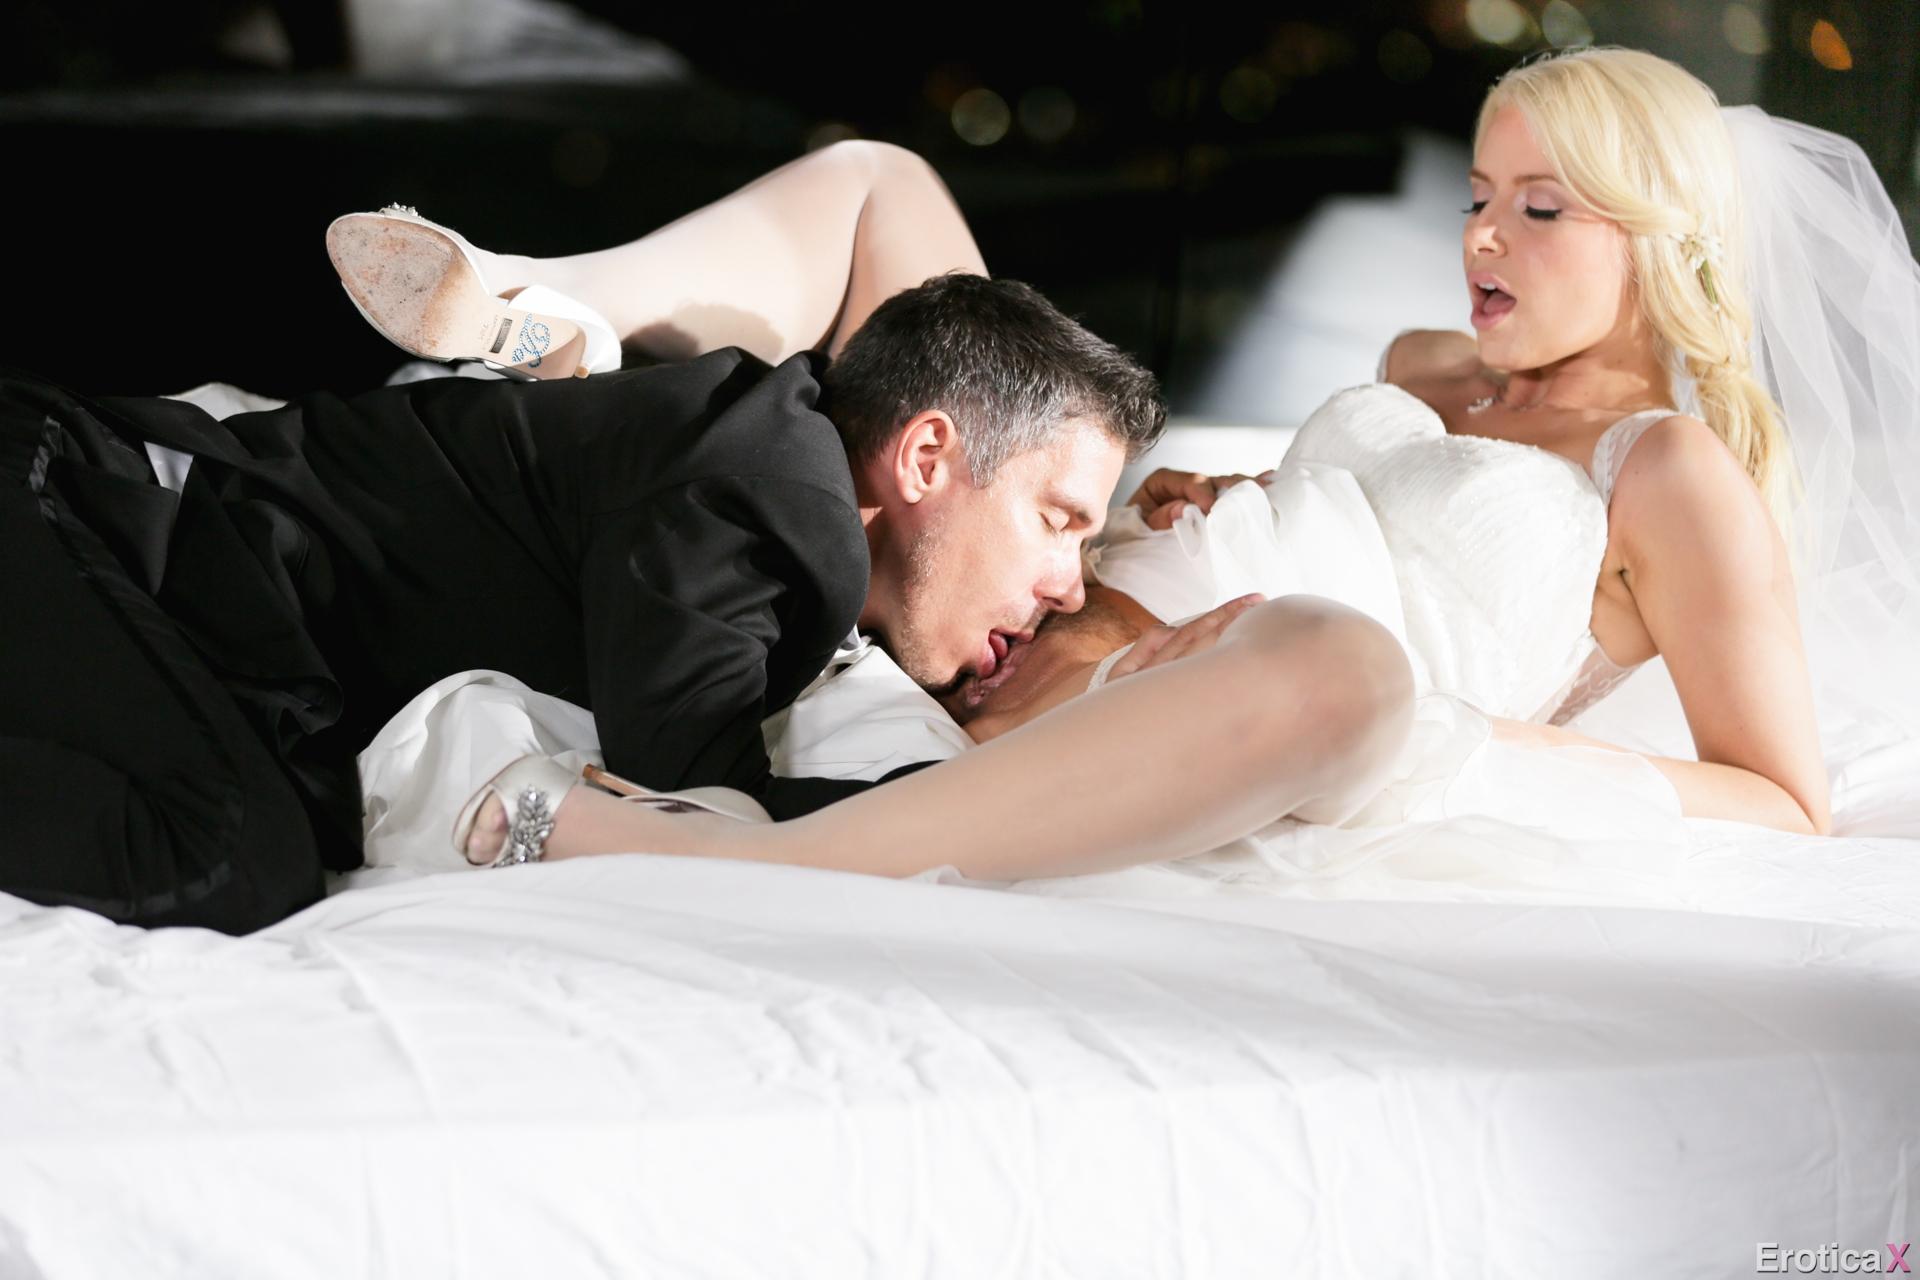 Снимают первую брачную ночь, Молодожены сняли на камеру секс в первую брачную 5 фотография